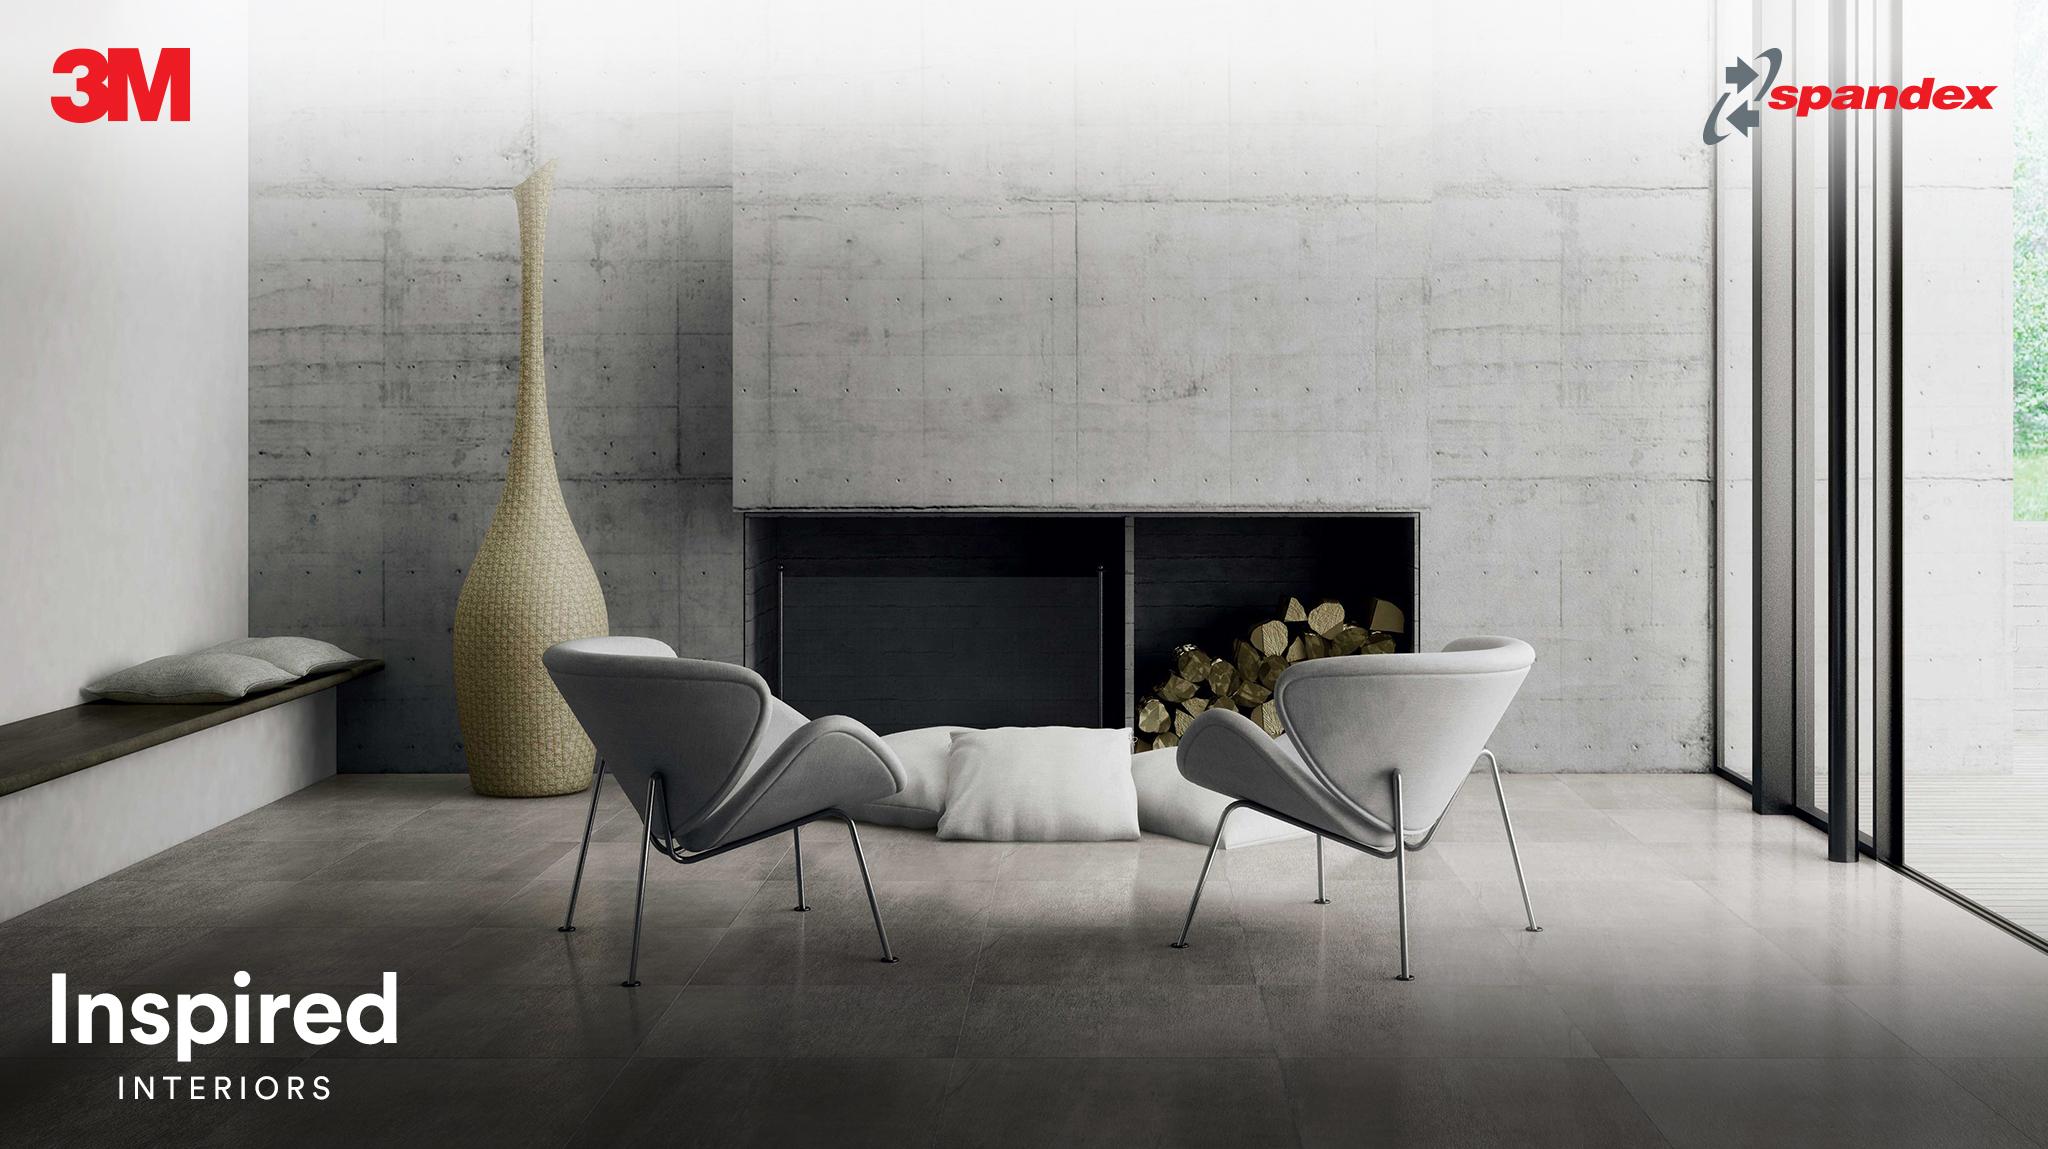 Spandex lancia il nuovo contest Inspired Interiors per straordinari progetti Architectural con prodotti 3M